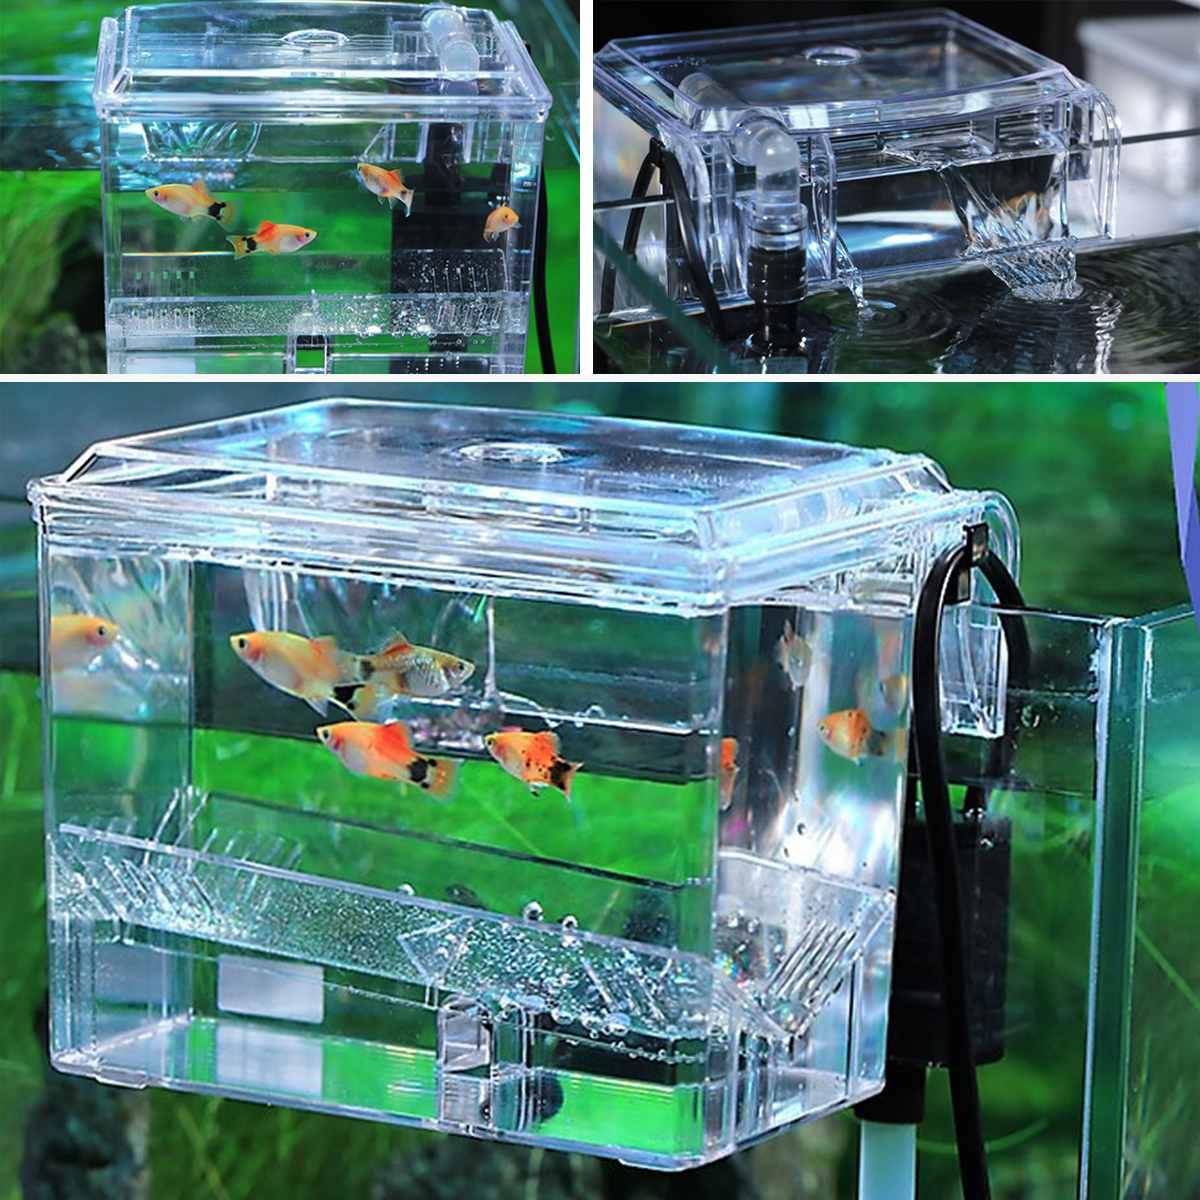 Fish Tank Breeding Hatchery House Incubator Aquarium Transparent Breeder Isolation Hanging Box Reptile Turtle Cage Pump